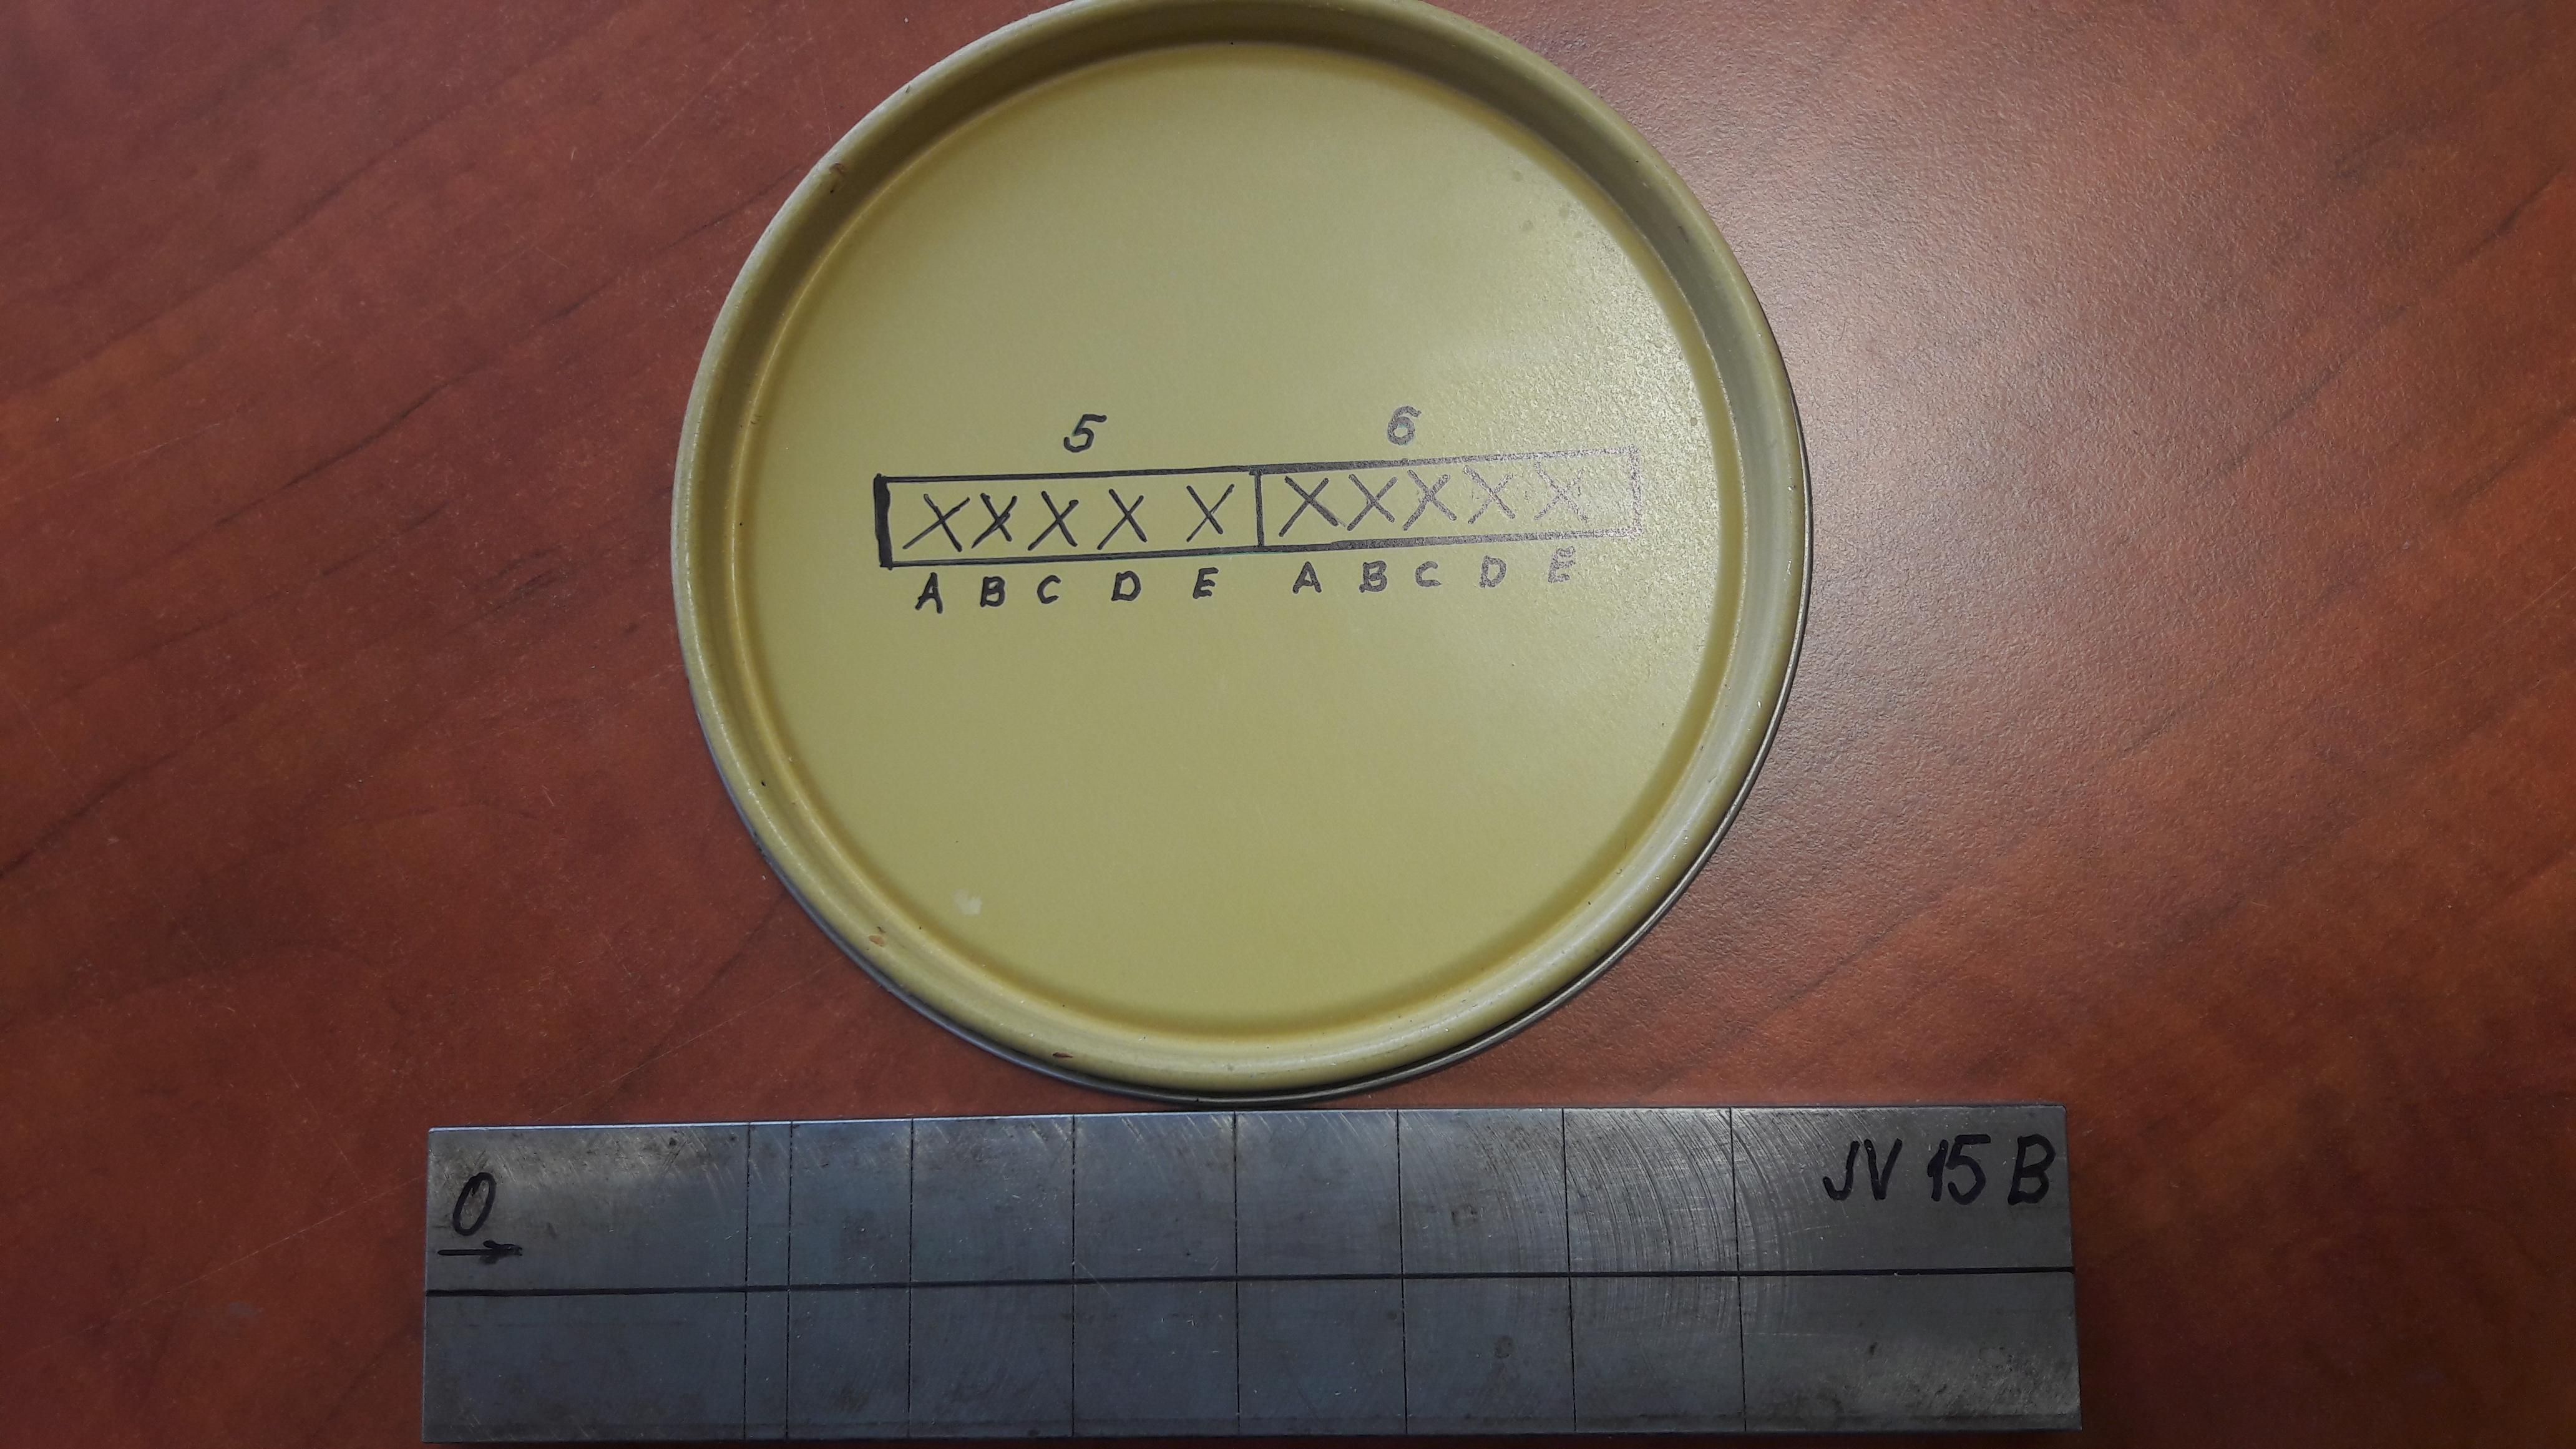 Örvényáramos jártassági vizsgálat - JV15